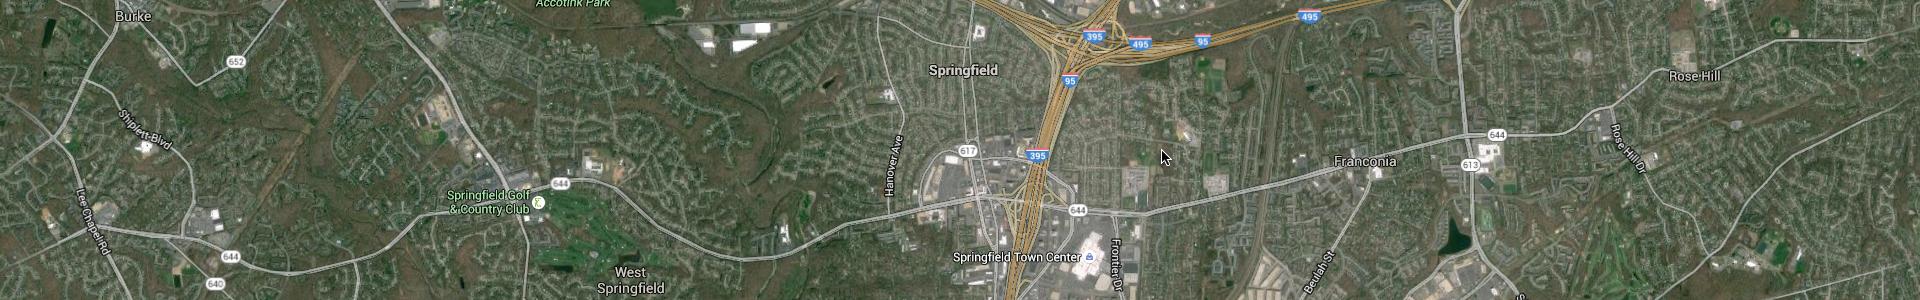 Springfield, VA